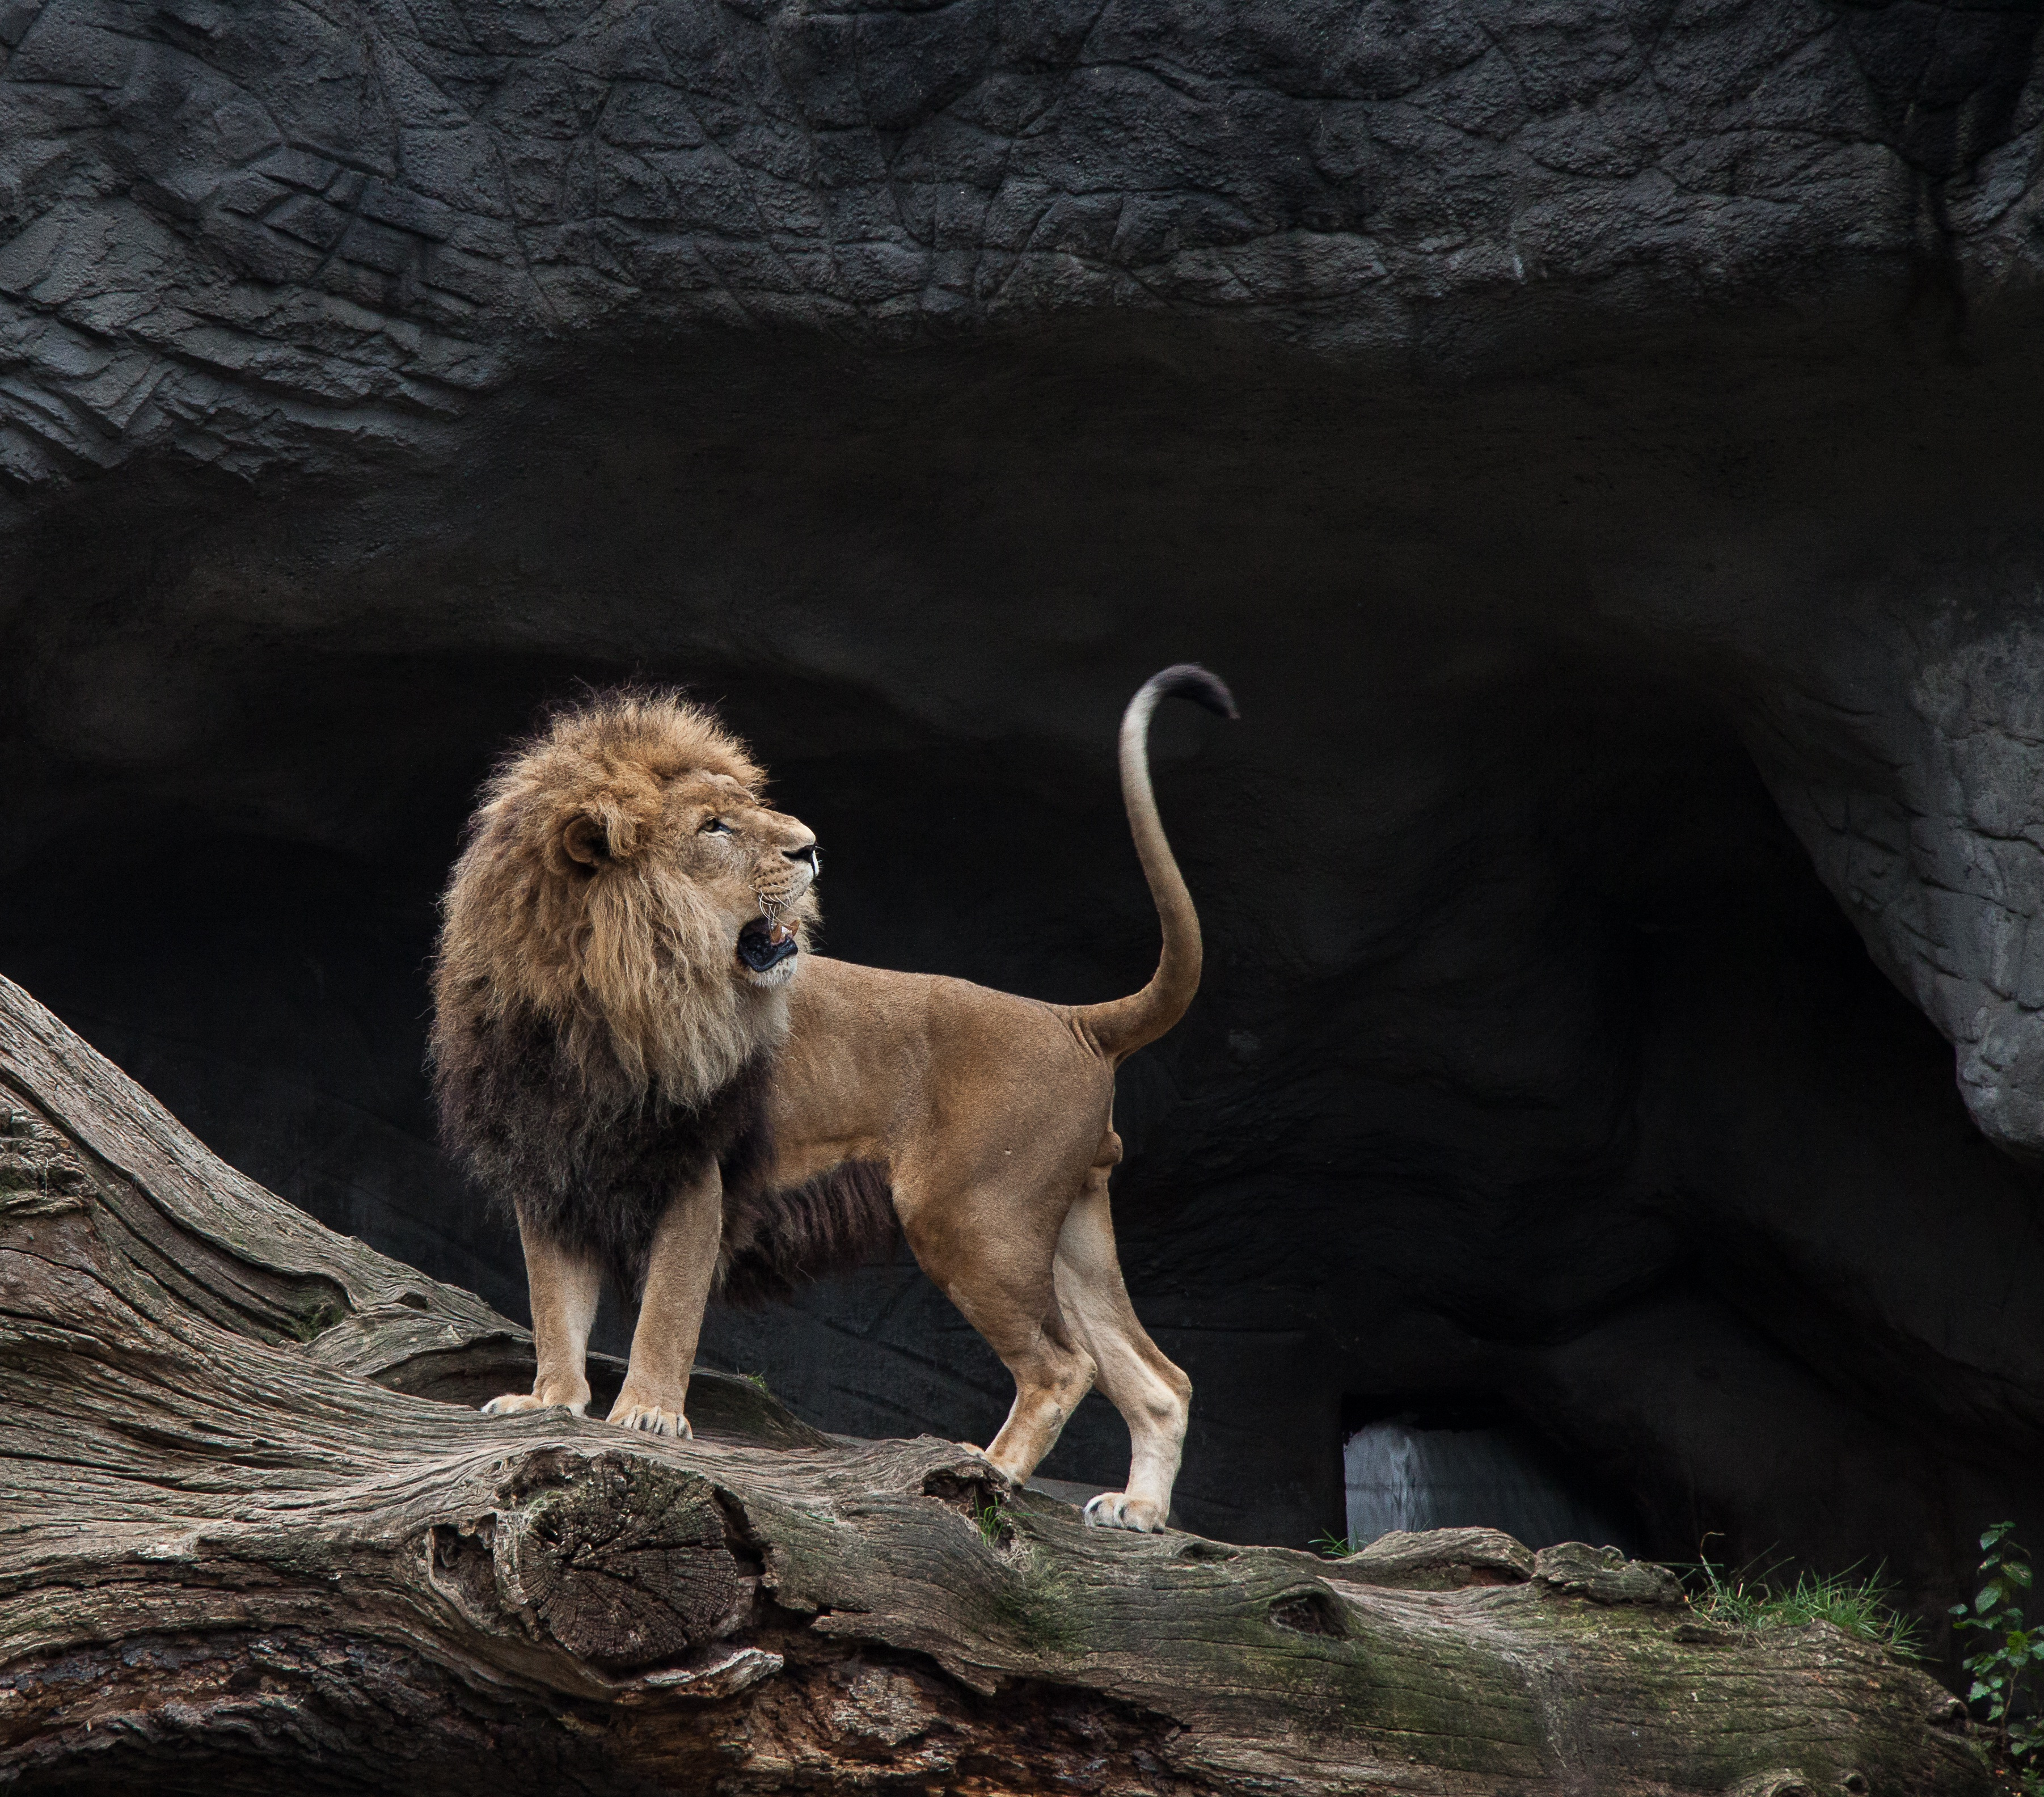 65646 fond d'écran 720x1520 sur votre téléphone gratuitement, téléchargez des images Animaux, Noyaux, Sourire, Un Lion, Lion, Prédateur 720x1520 sur votre mobile